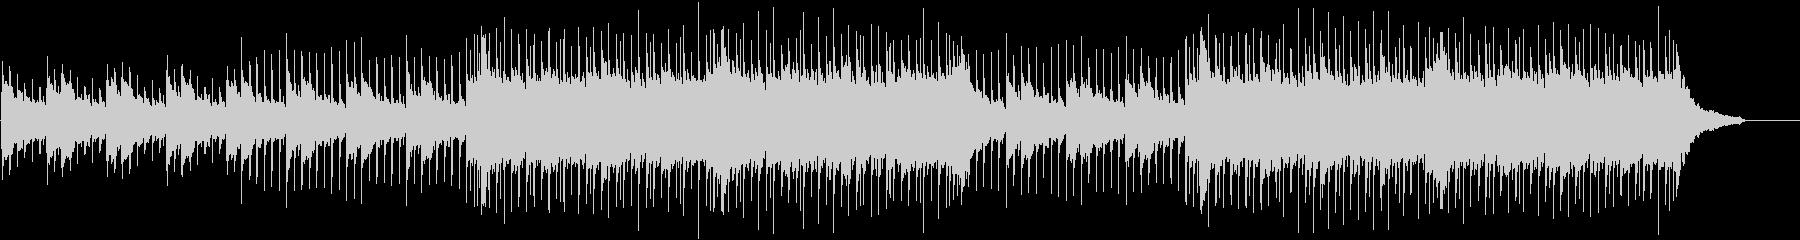 企業VP131、シンプルなポップロックaの未再生の波形